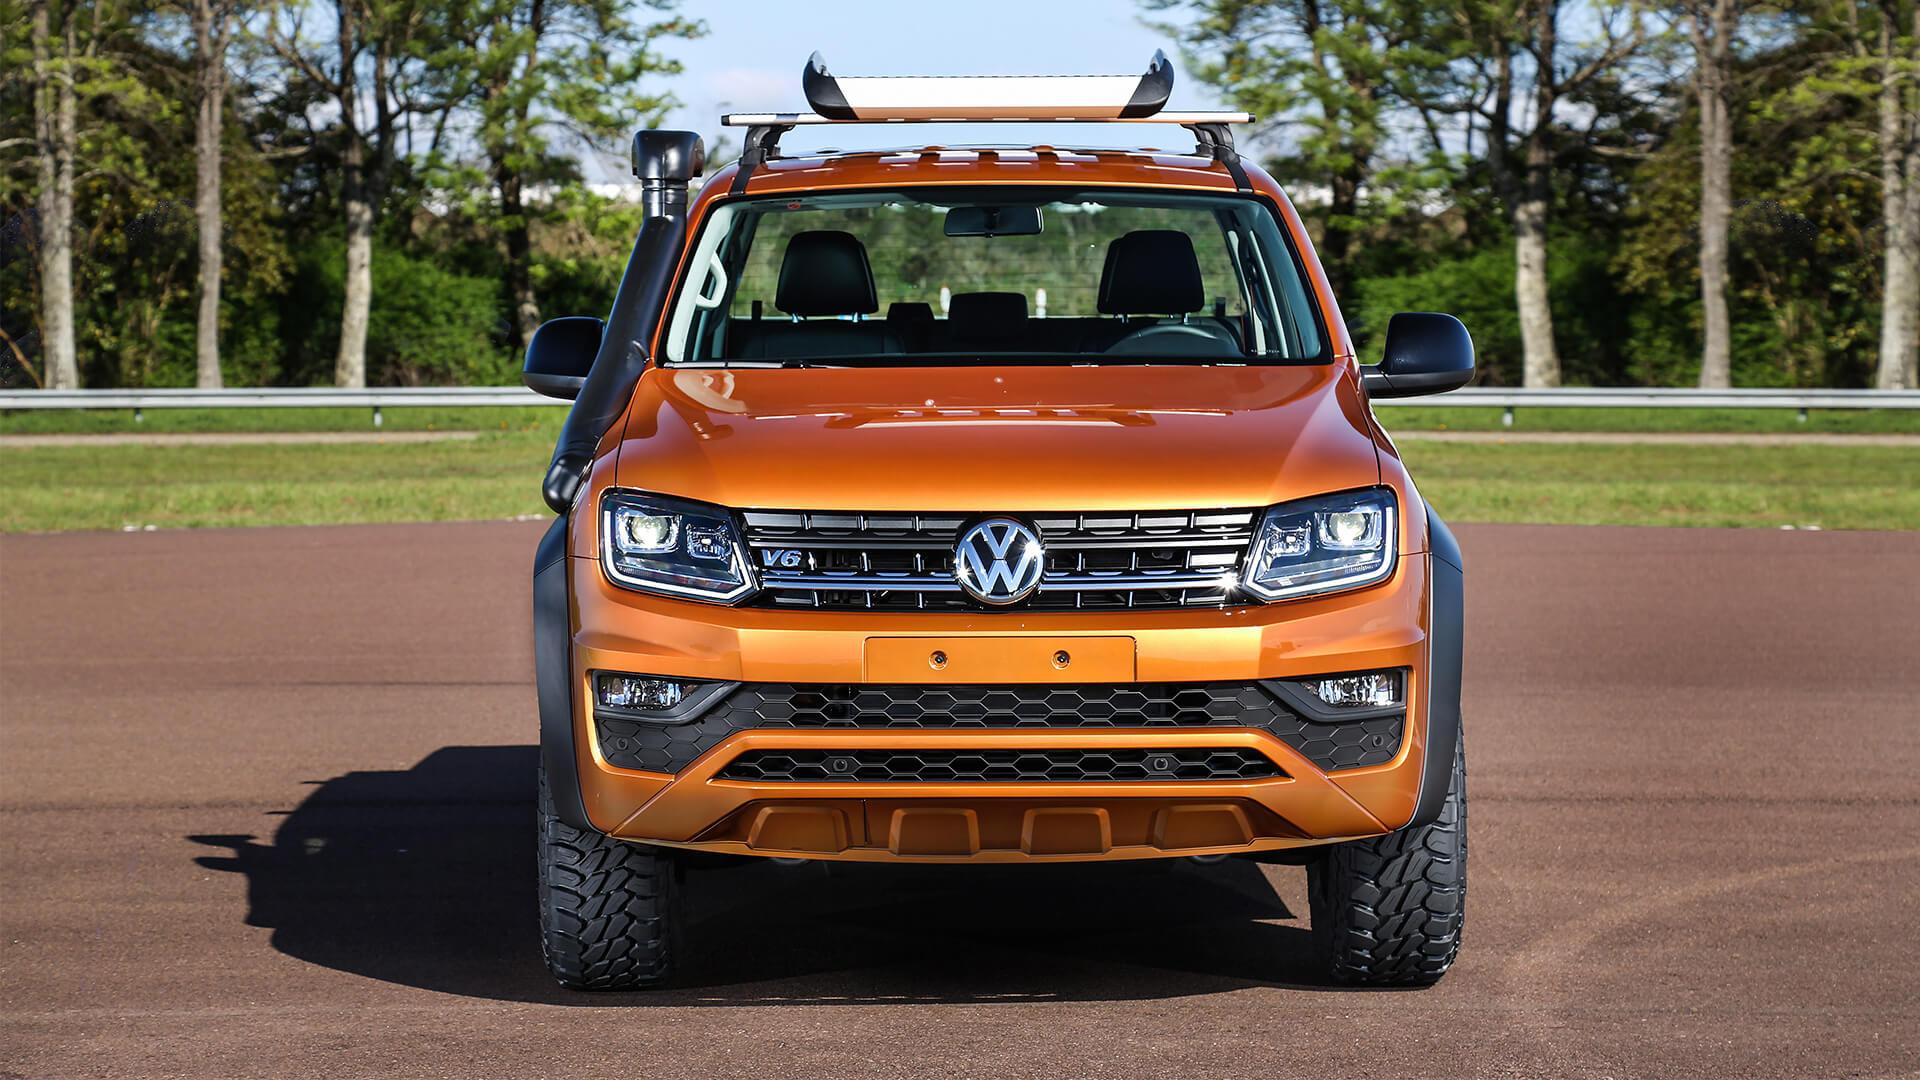 Volkswagen Amarok V6 Concept Wallpaper HD Car Wallpapers ID 11521 1920x1080